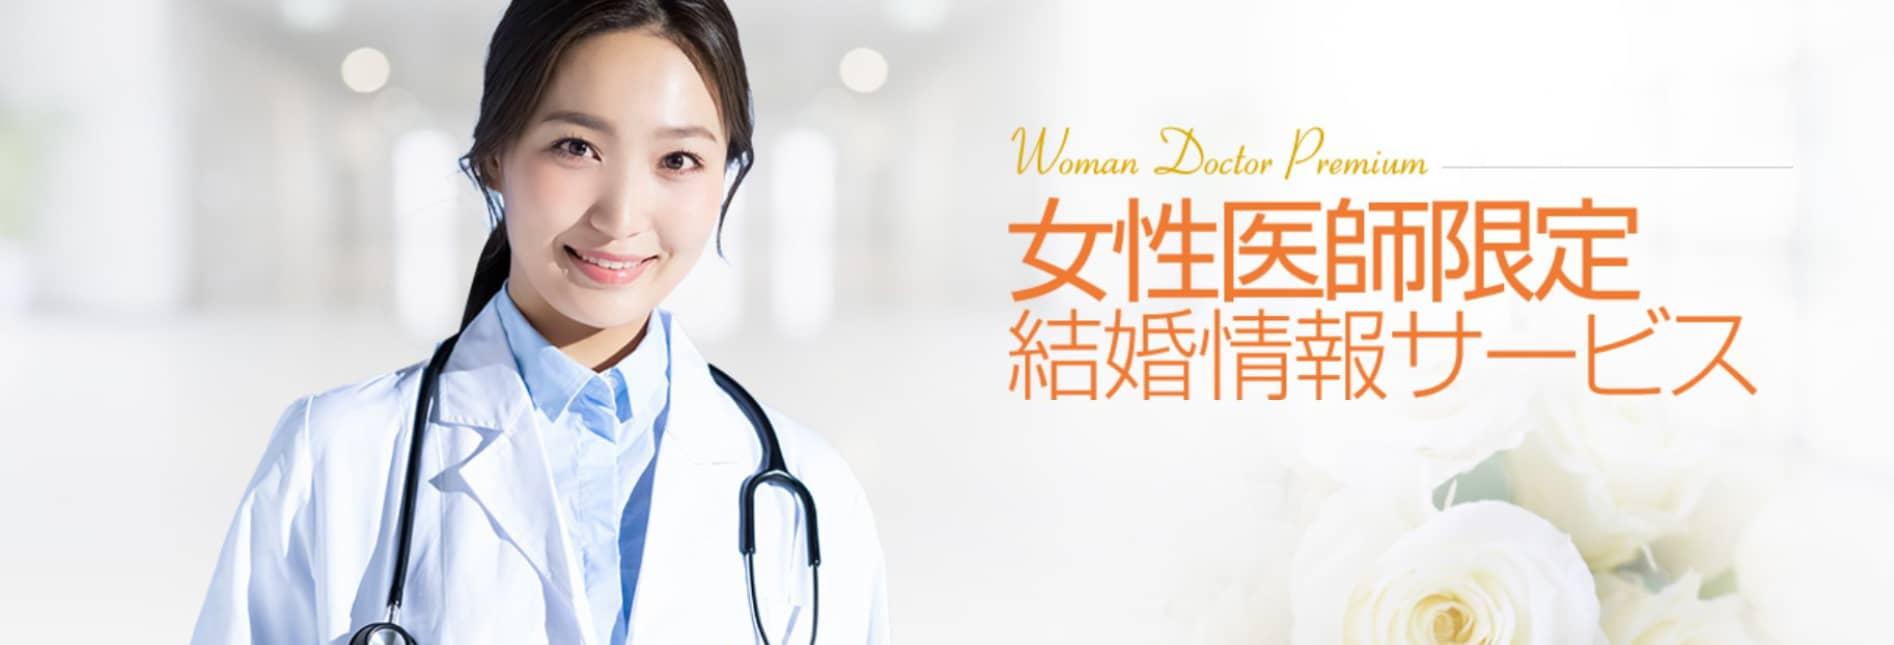 女医プレミアム